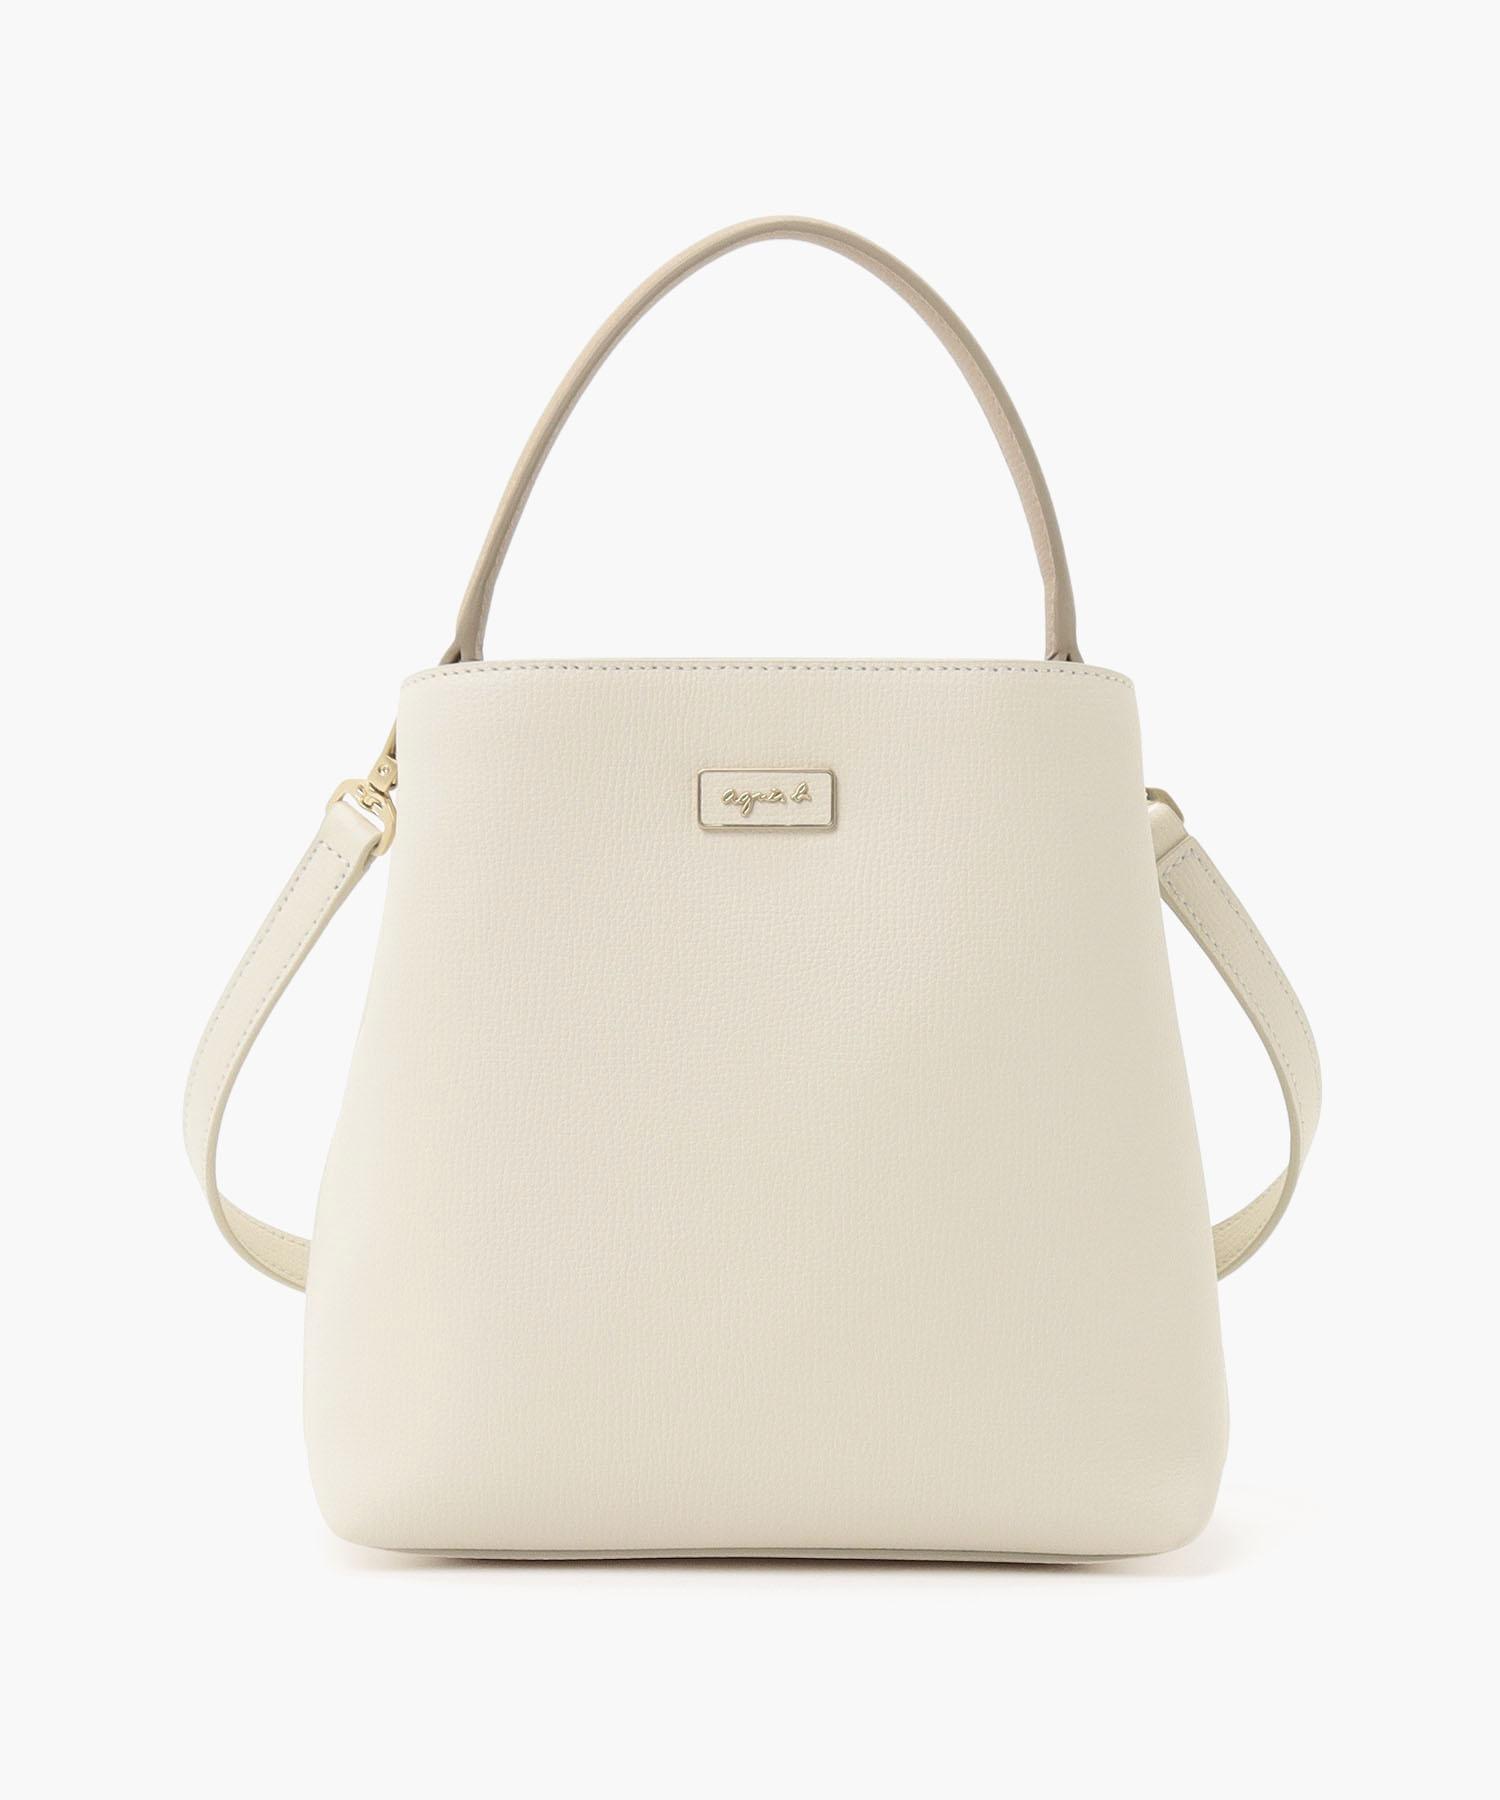 QAS02-04 2wayワンハンドルバッグ